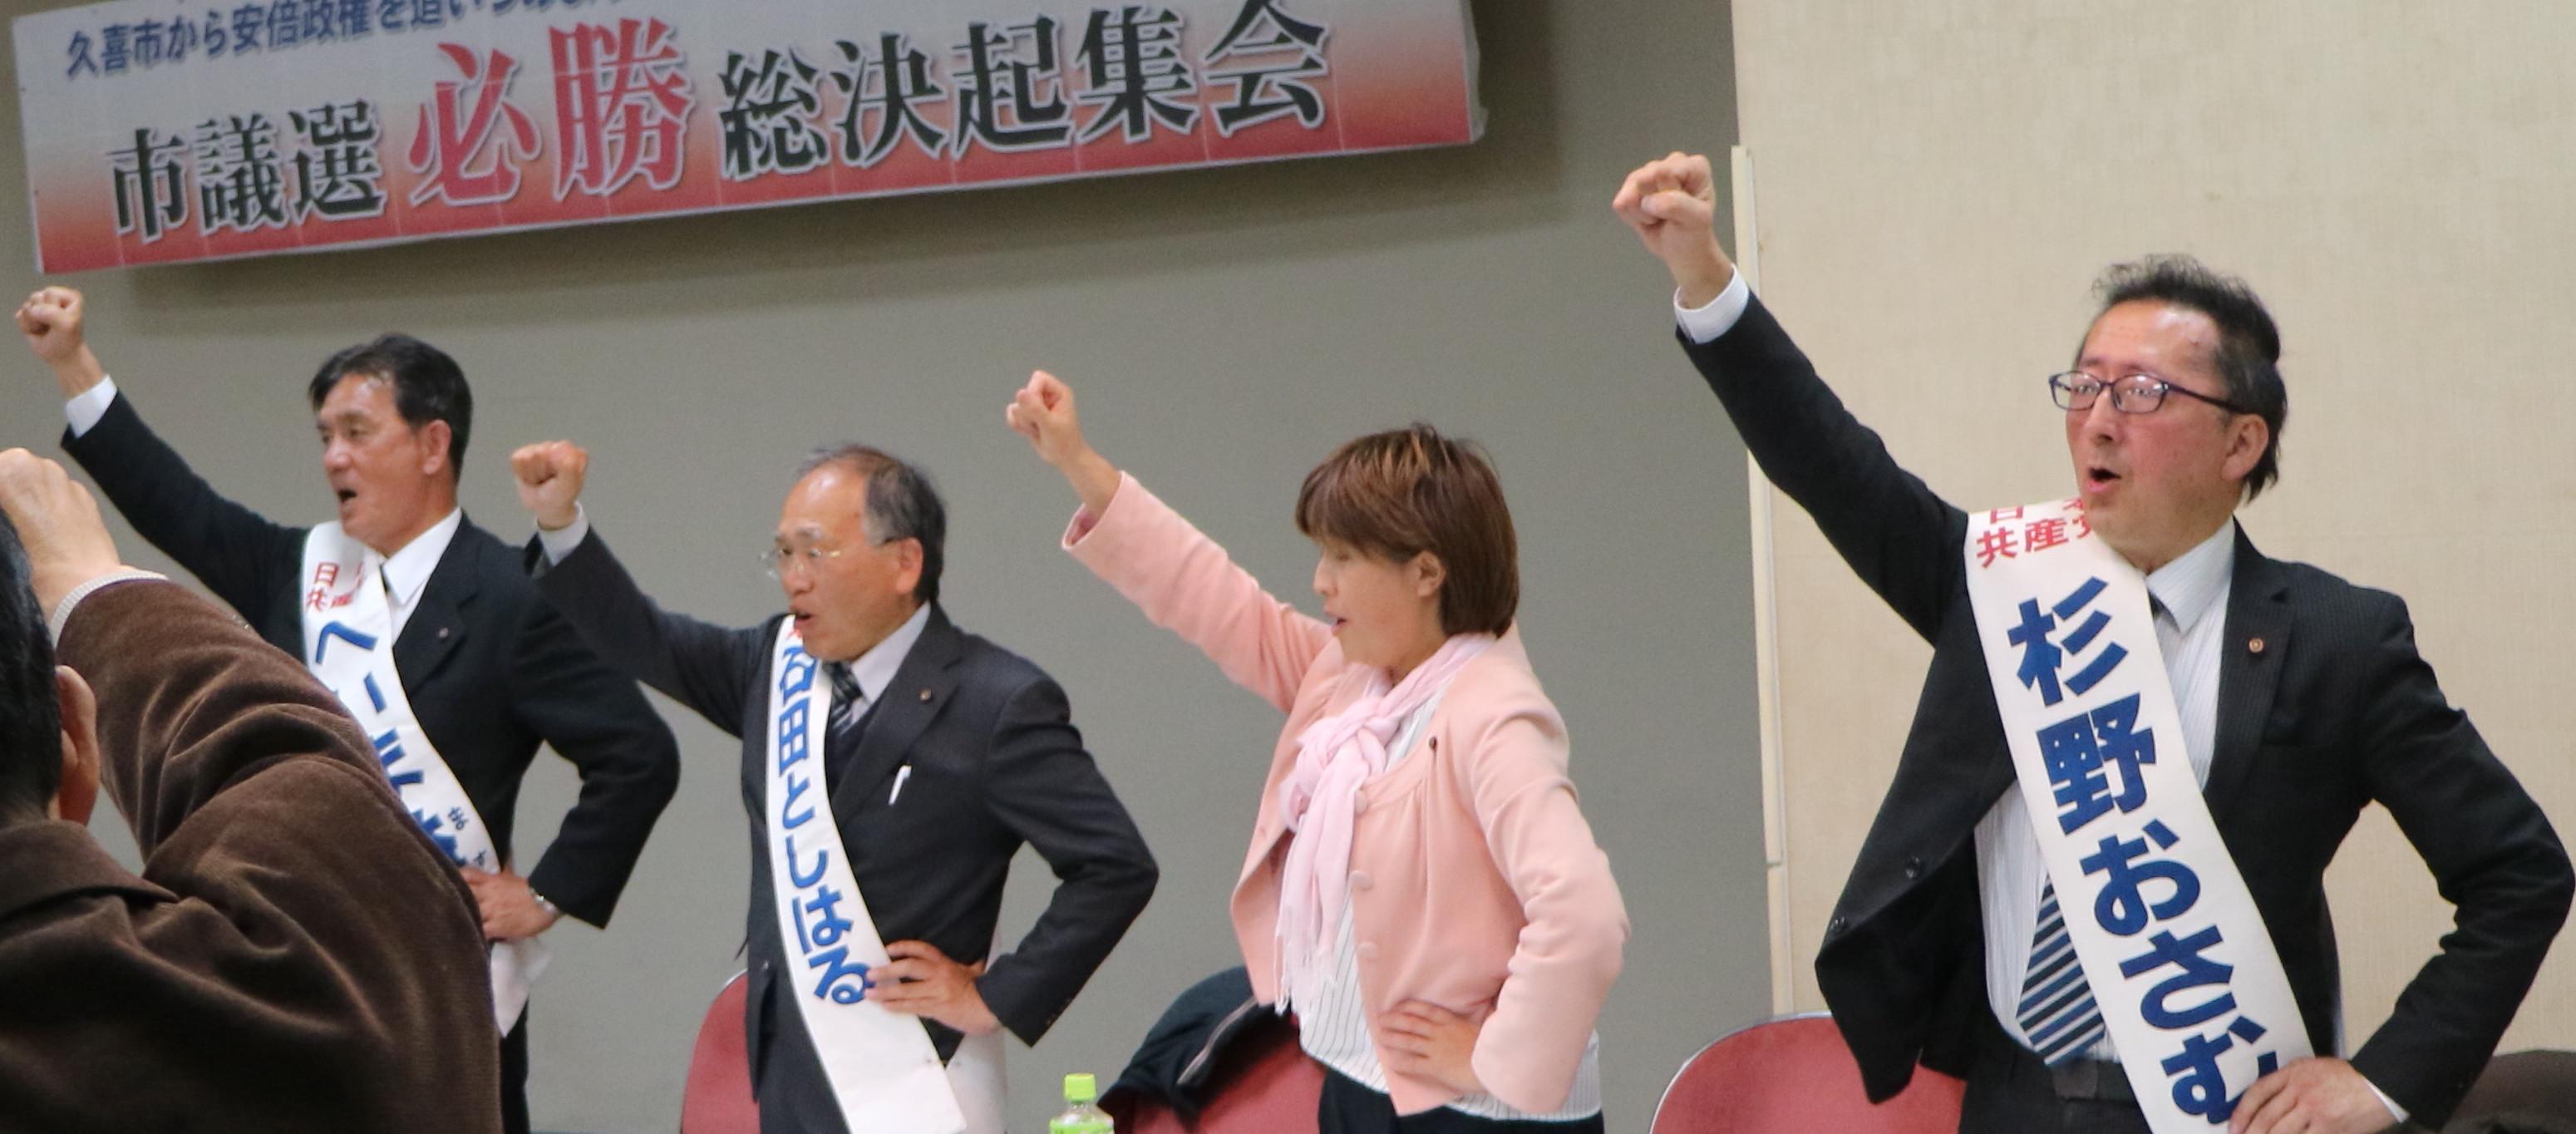 (くらしと福祉・日本共産党4議席の確保を!ガンバロー!